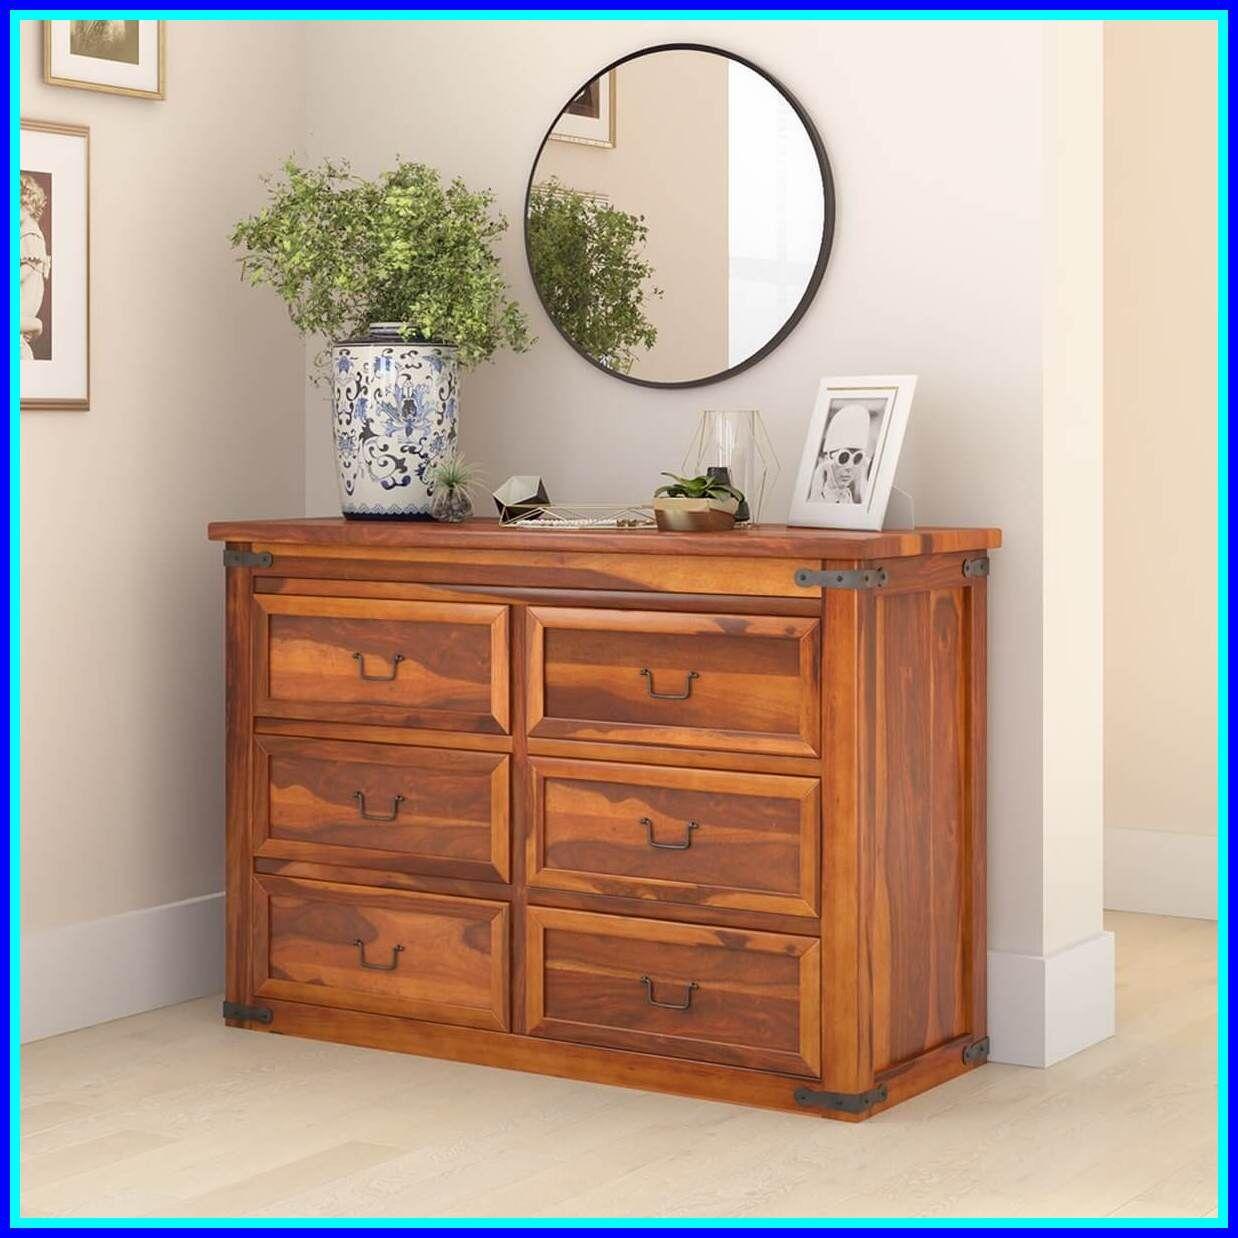 6 drawer solid wood dresser